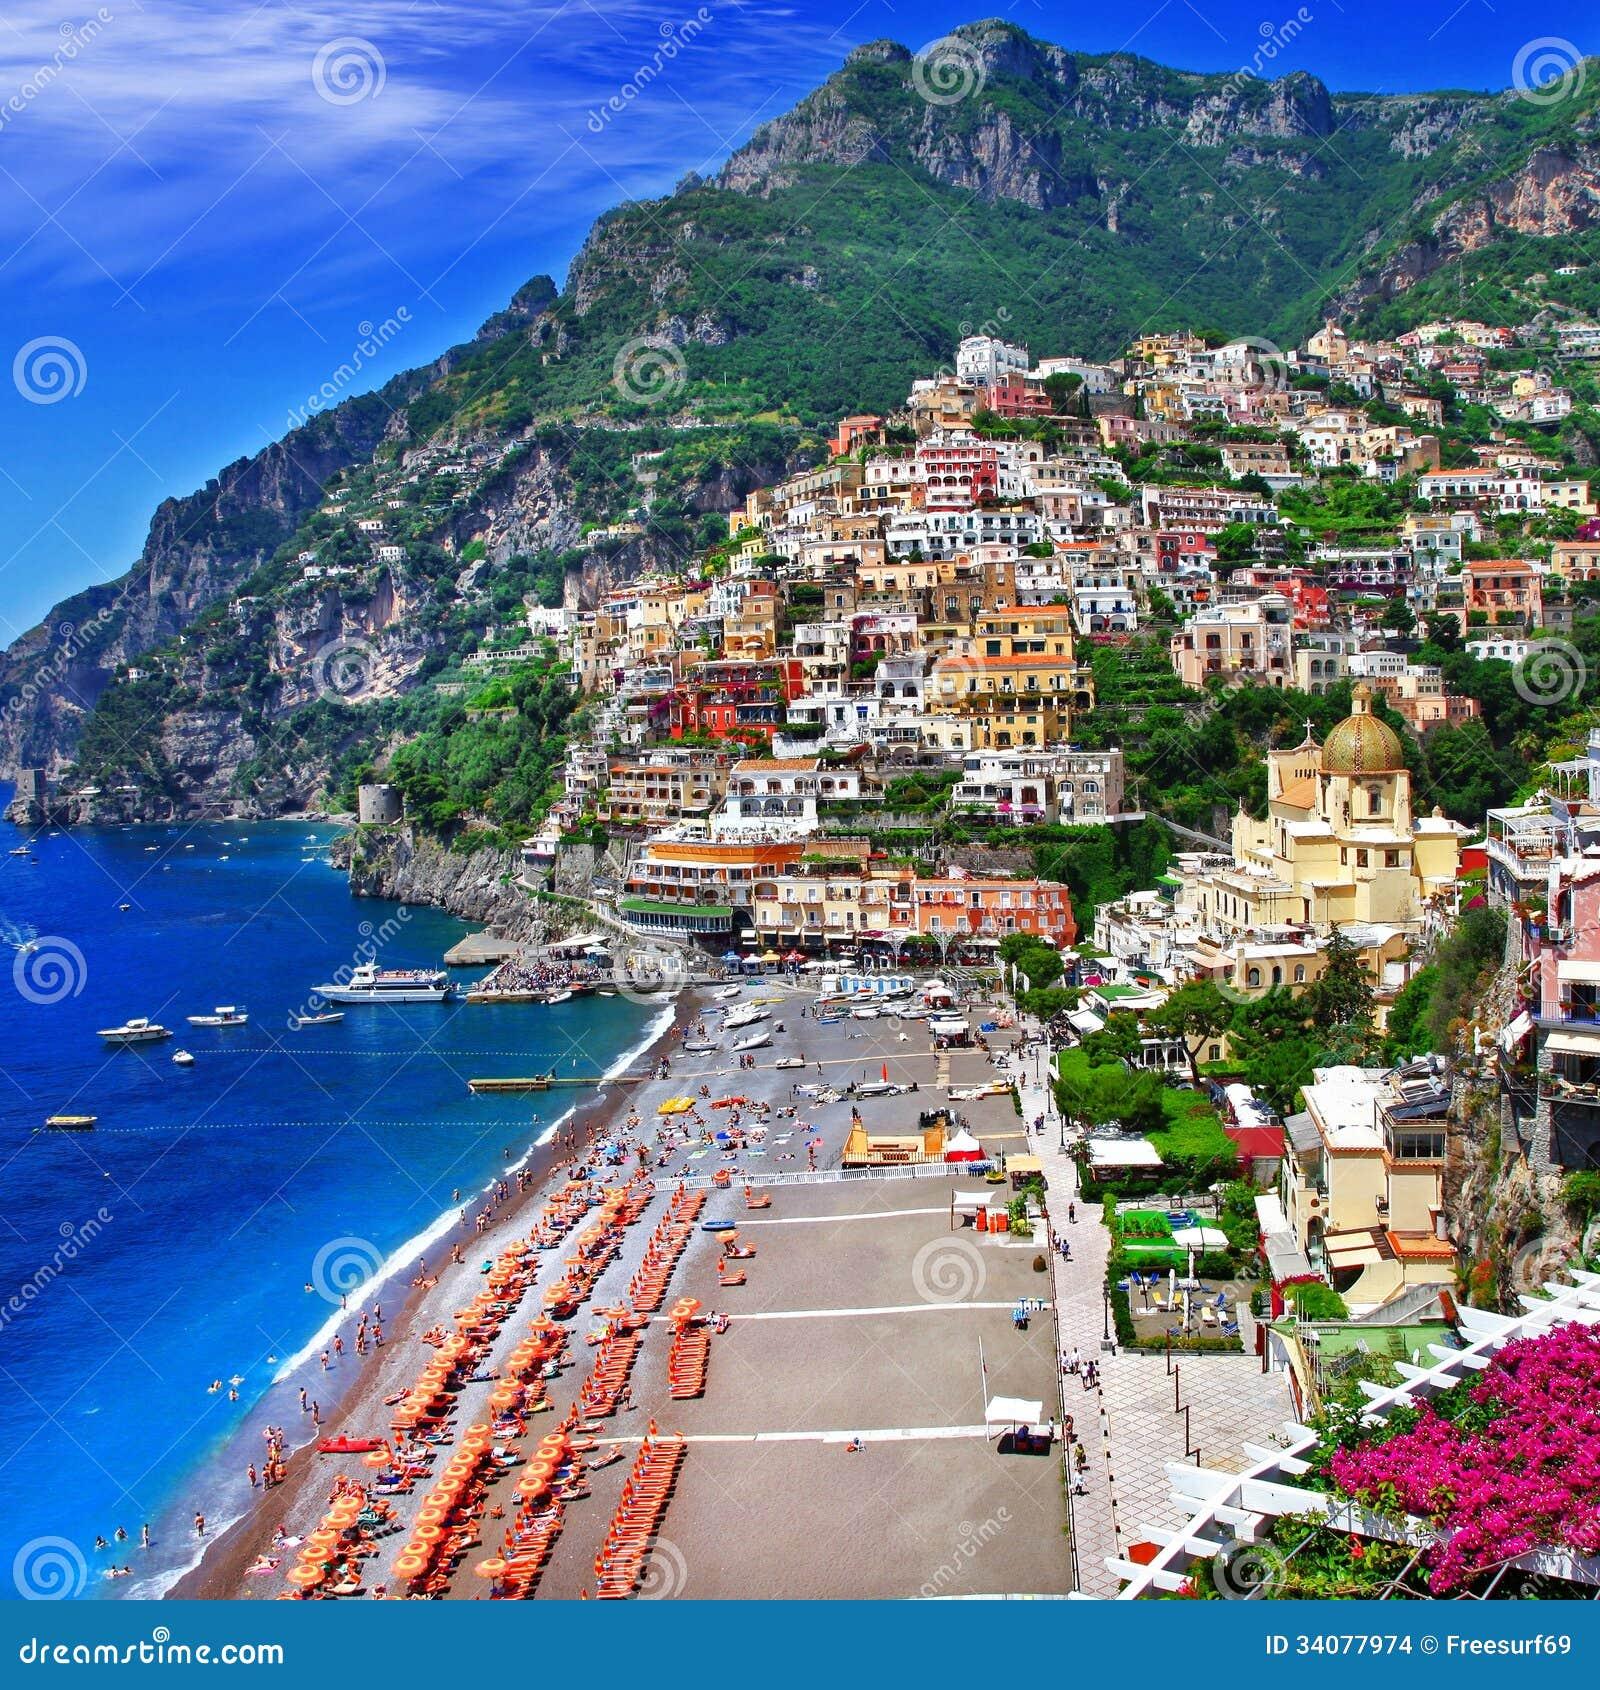 scenic italy  positano. scenic italy  positano stock photo image of positano